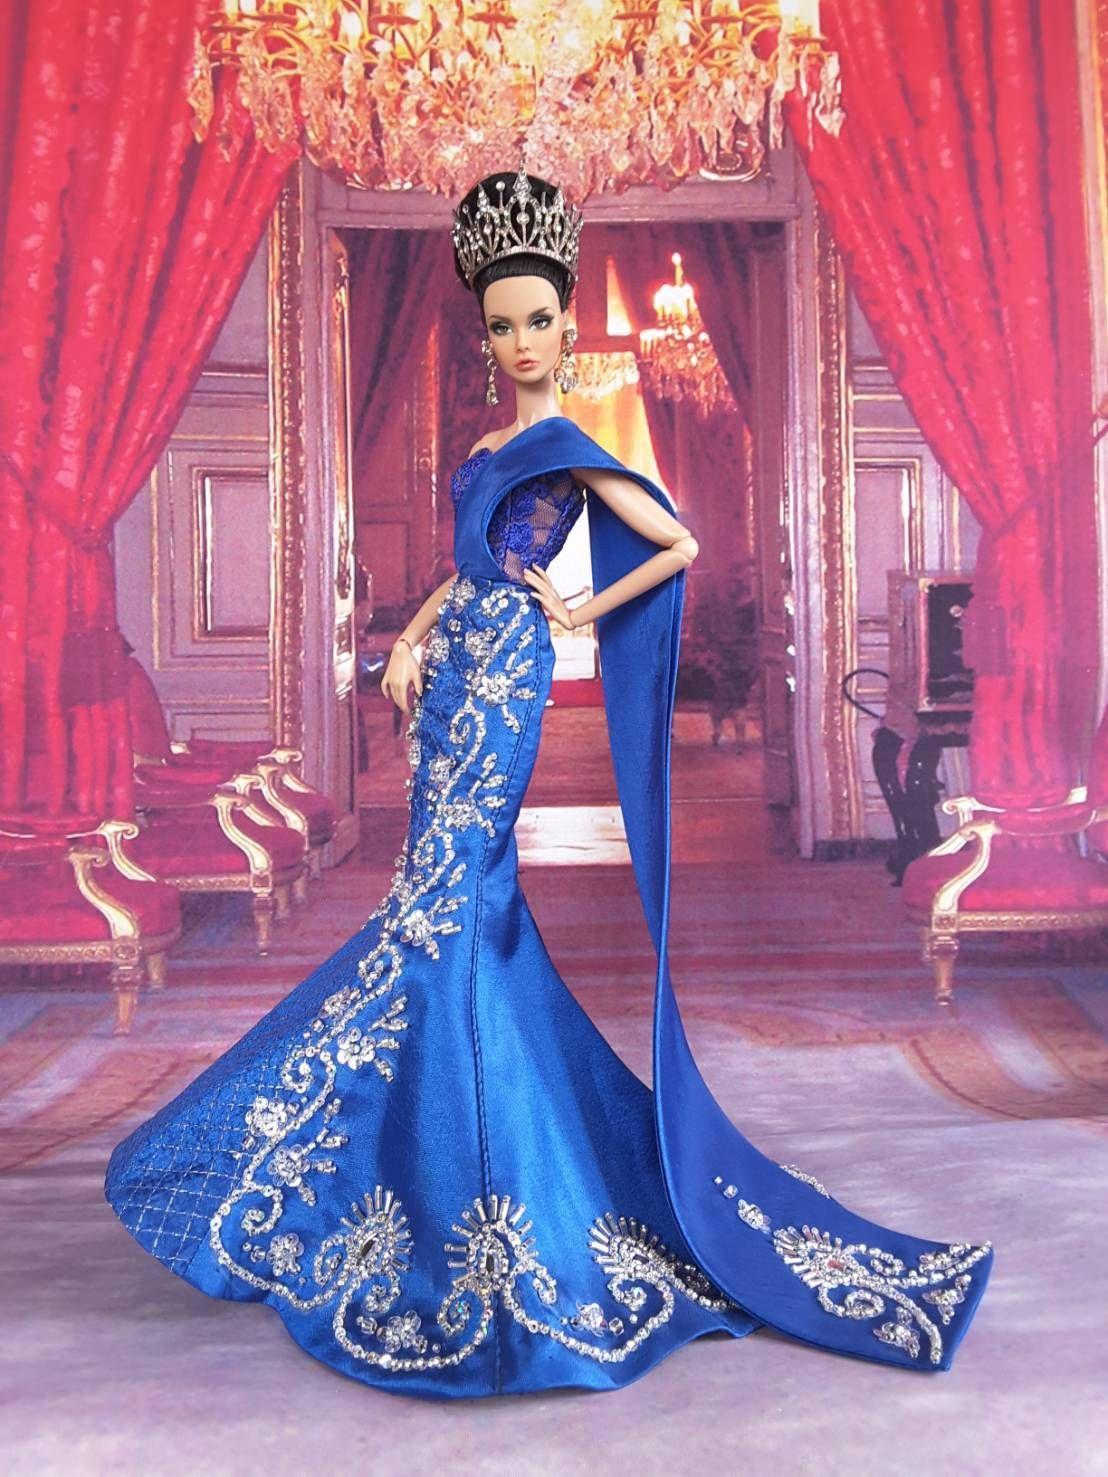 Lujoso Boda De Segunda Mano Viste Ebay Ornamento - Vestido de Novia ...